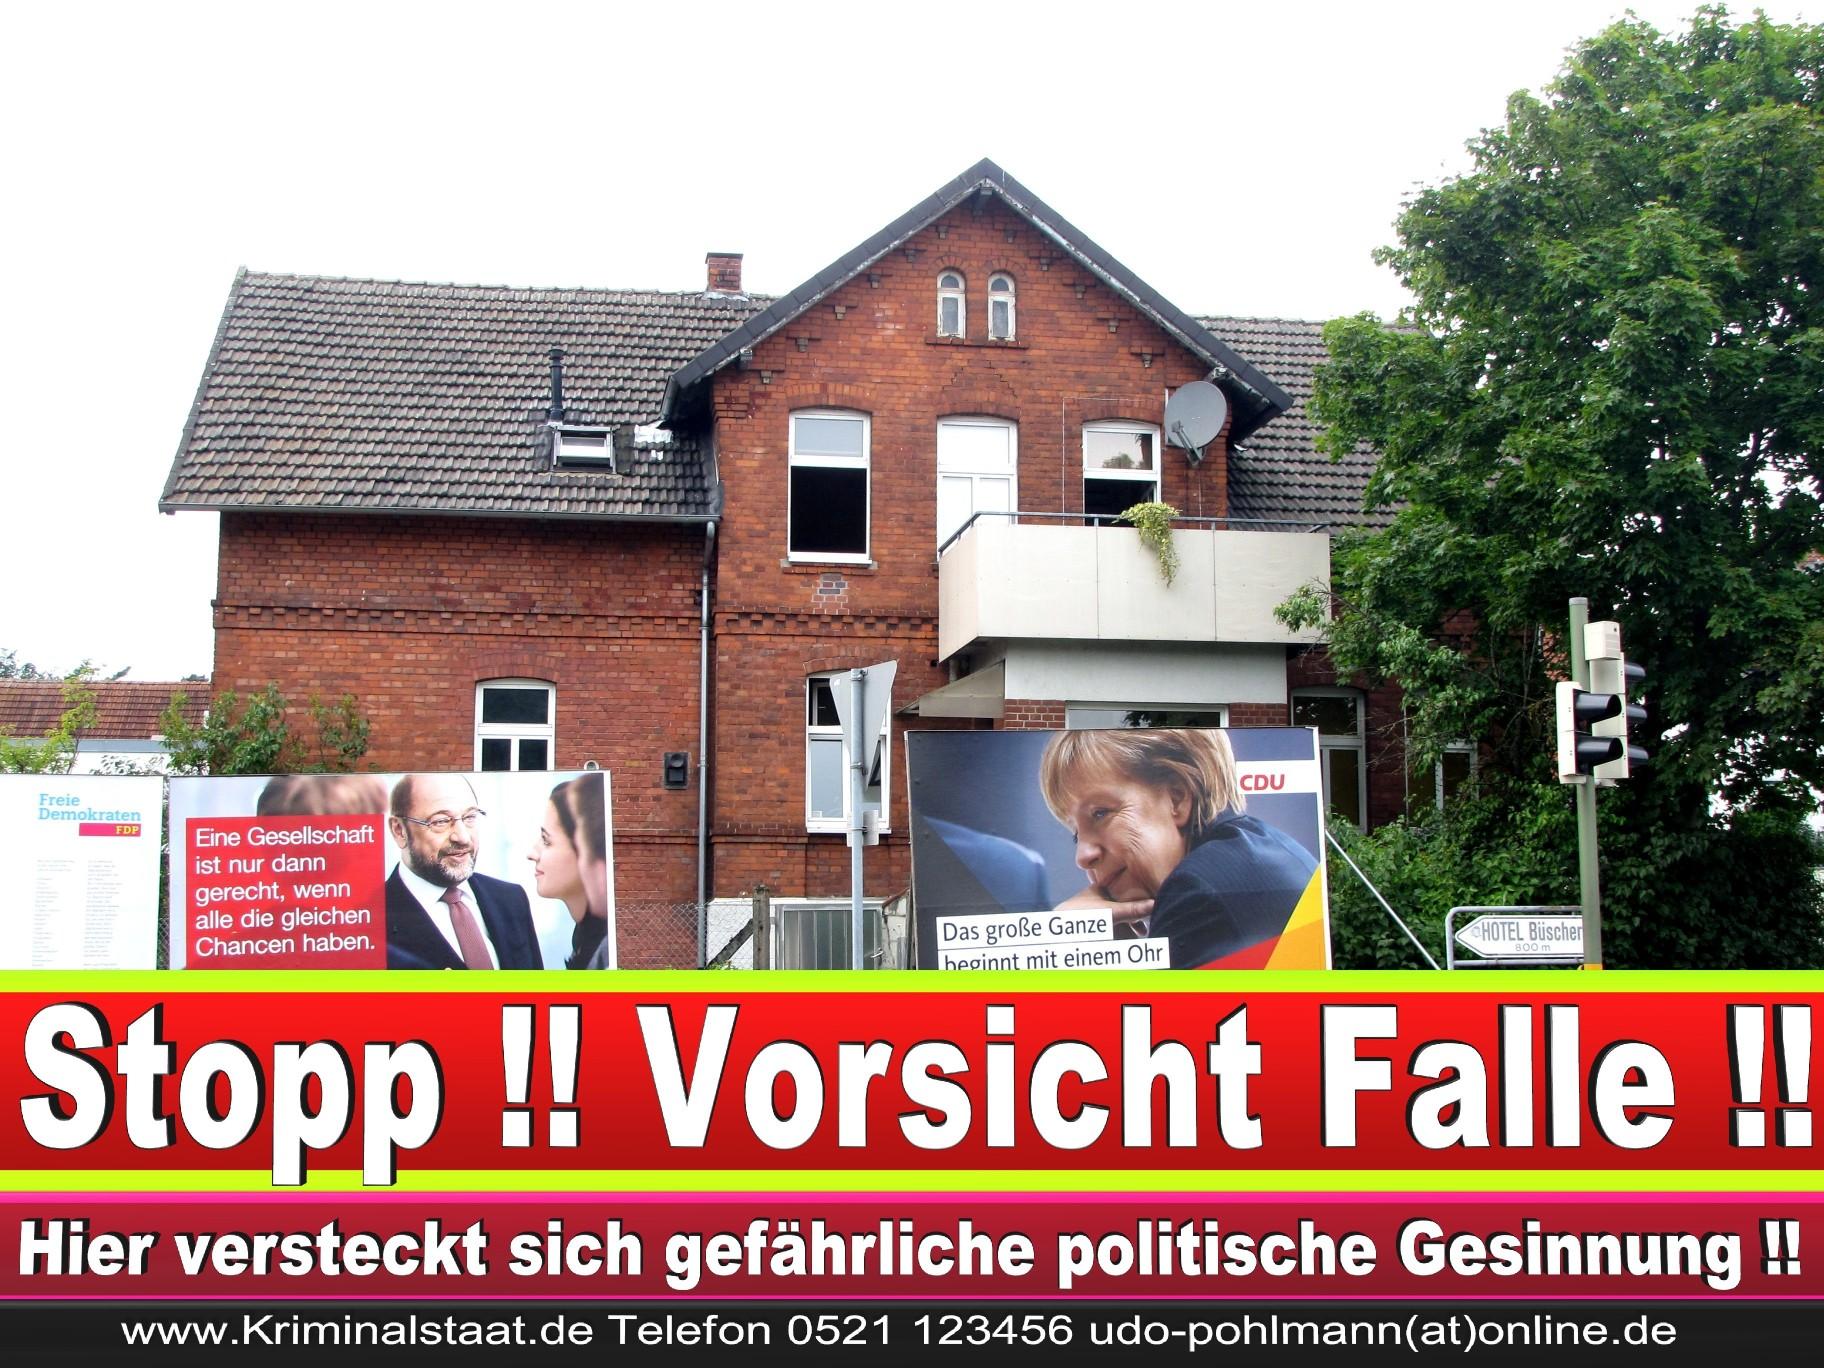 Wahlwerbung Wahlplakate Landtagswahl 2019 Europawahl CDU SPD FDP 2021 (61)